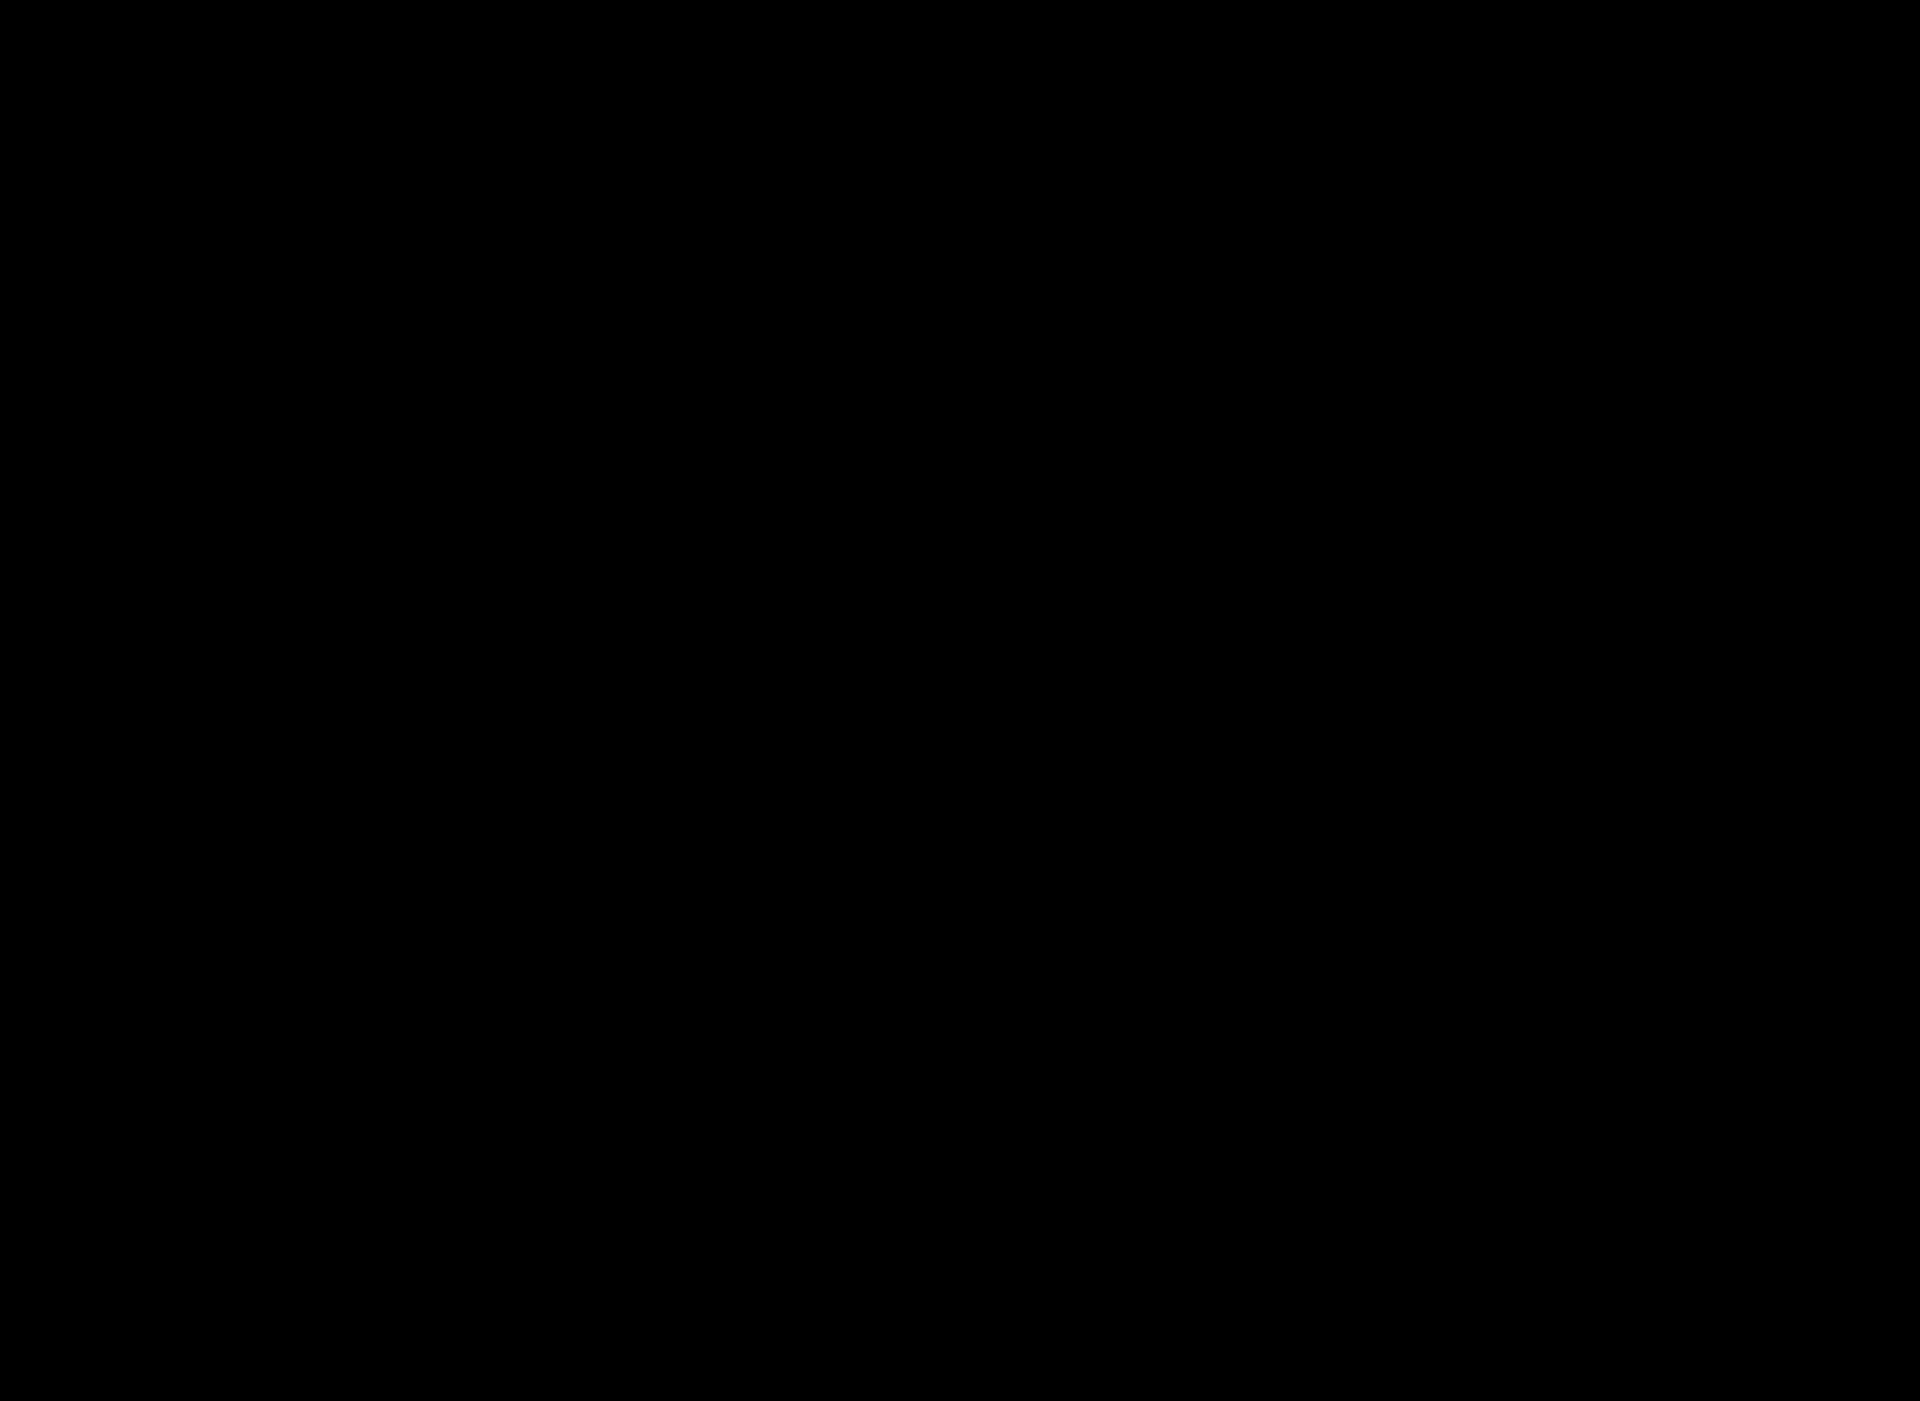 Anima6